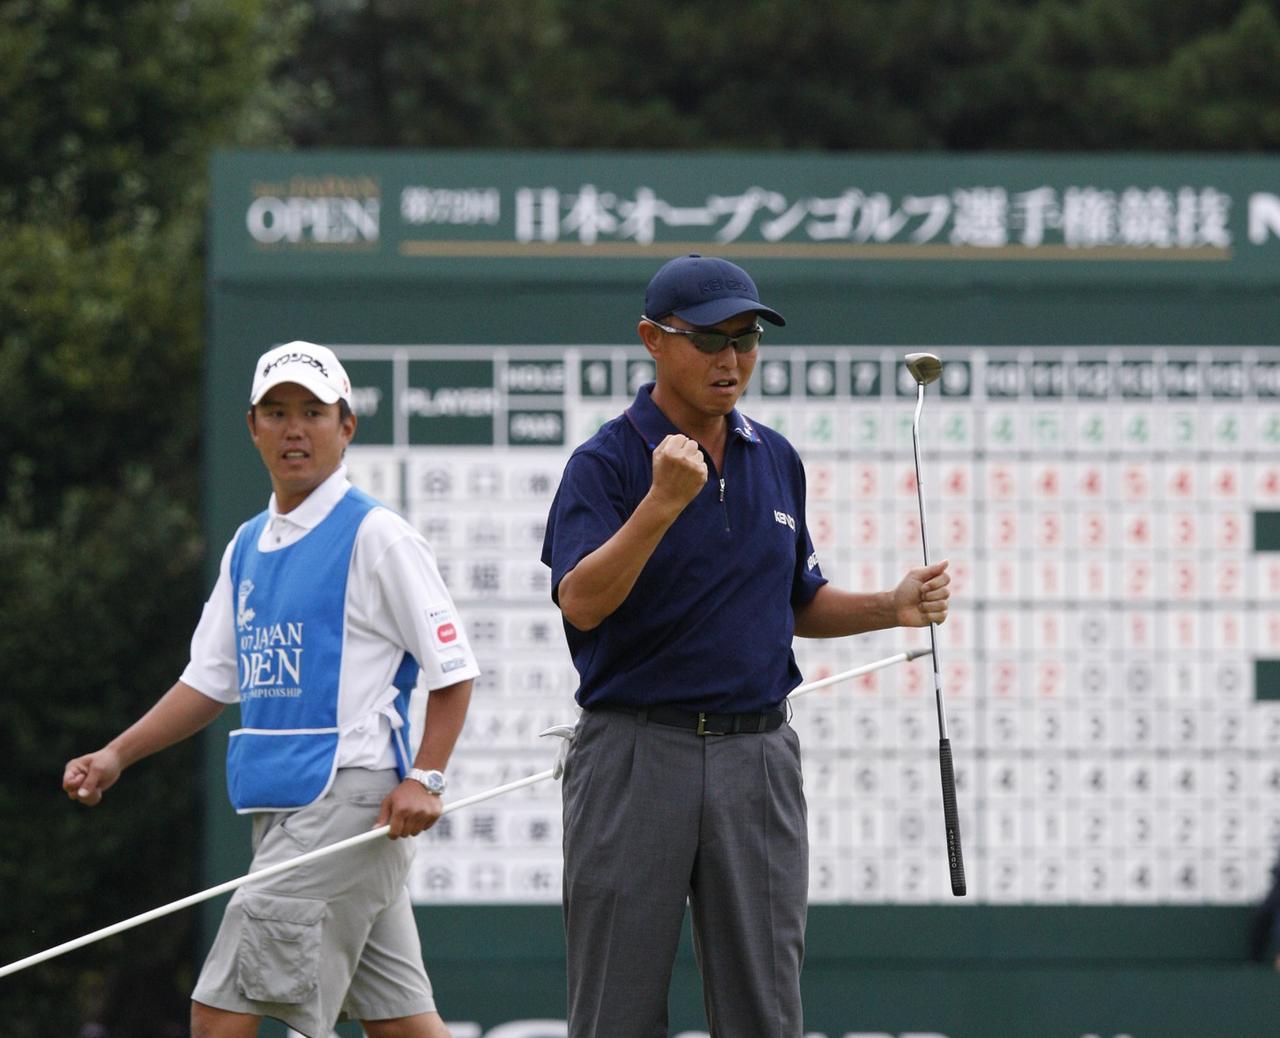 画像: 2007年の日本オープン。2004年に続き、谷口徹とともに2度目の制覇となった